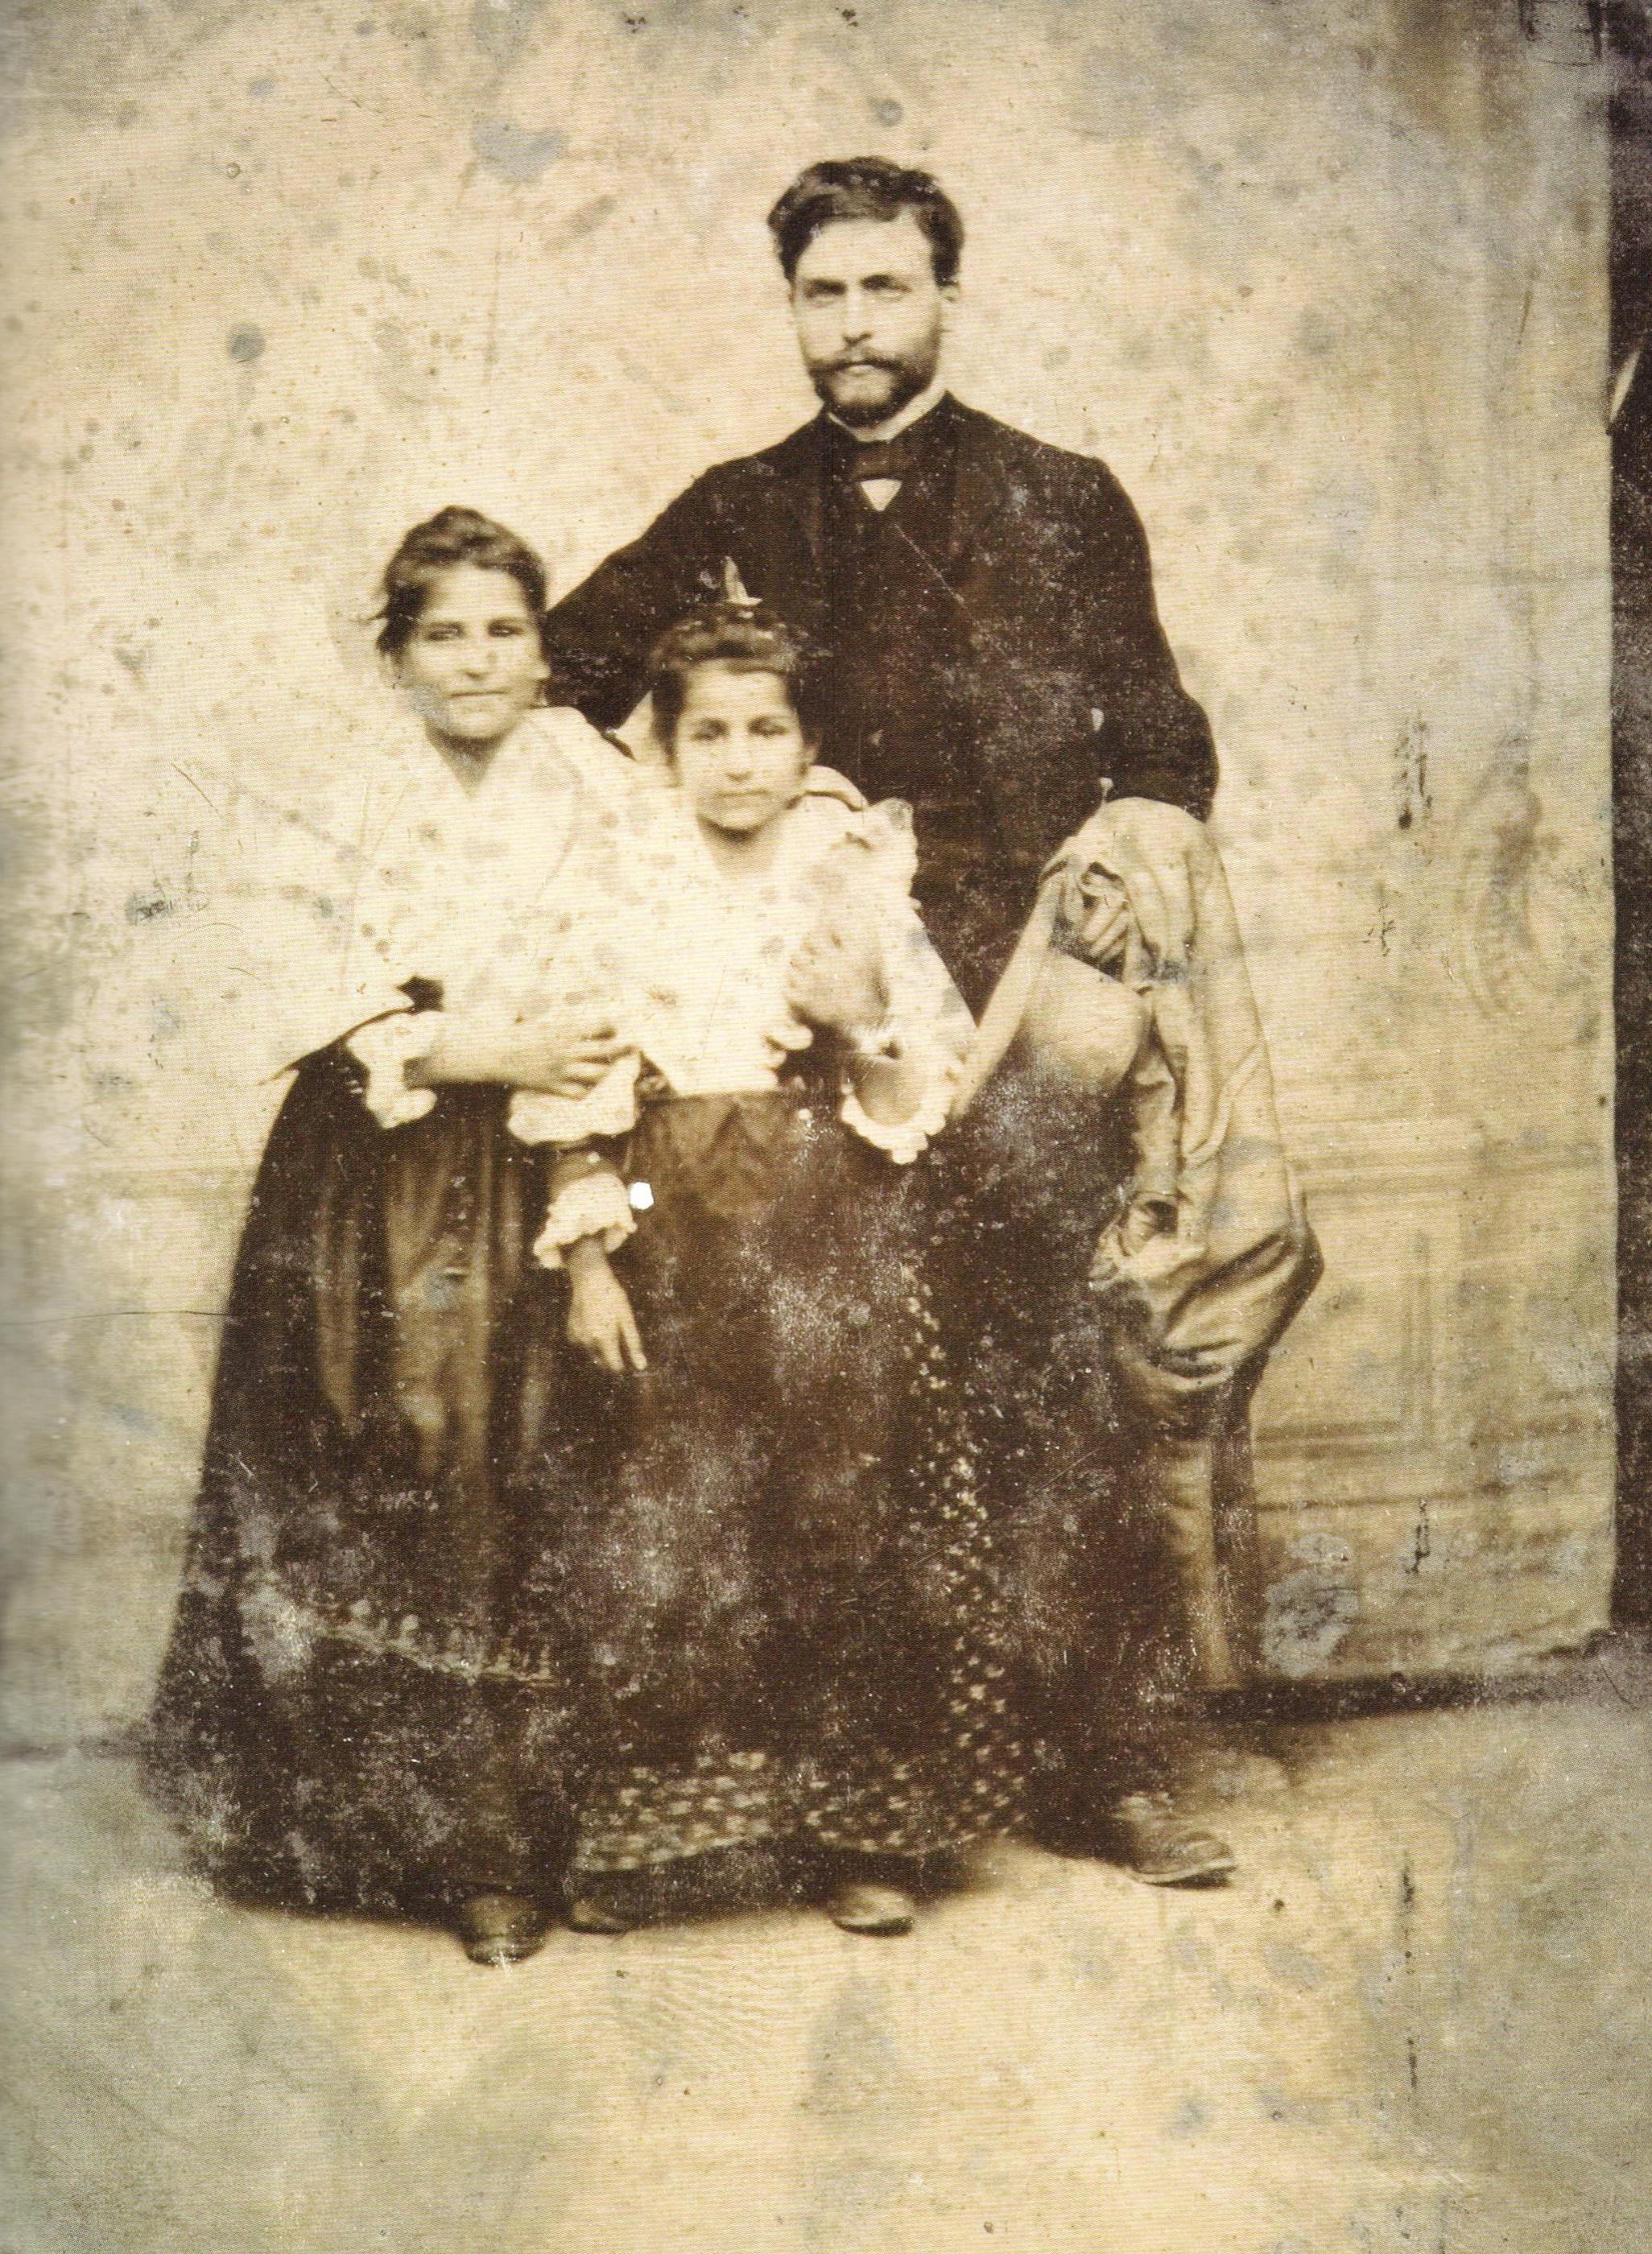 Stanisław Wyspiański z cygankami w Paryżu, 1893 rok, źródło: Polska Akademia Nauk